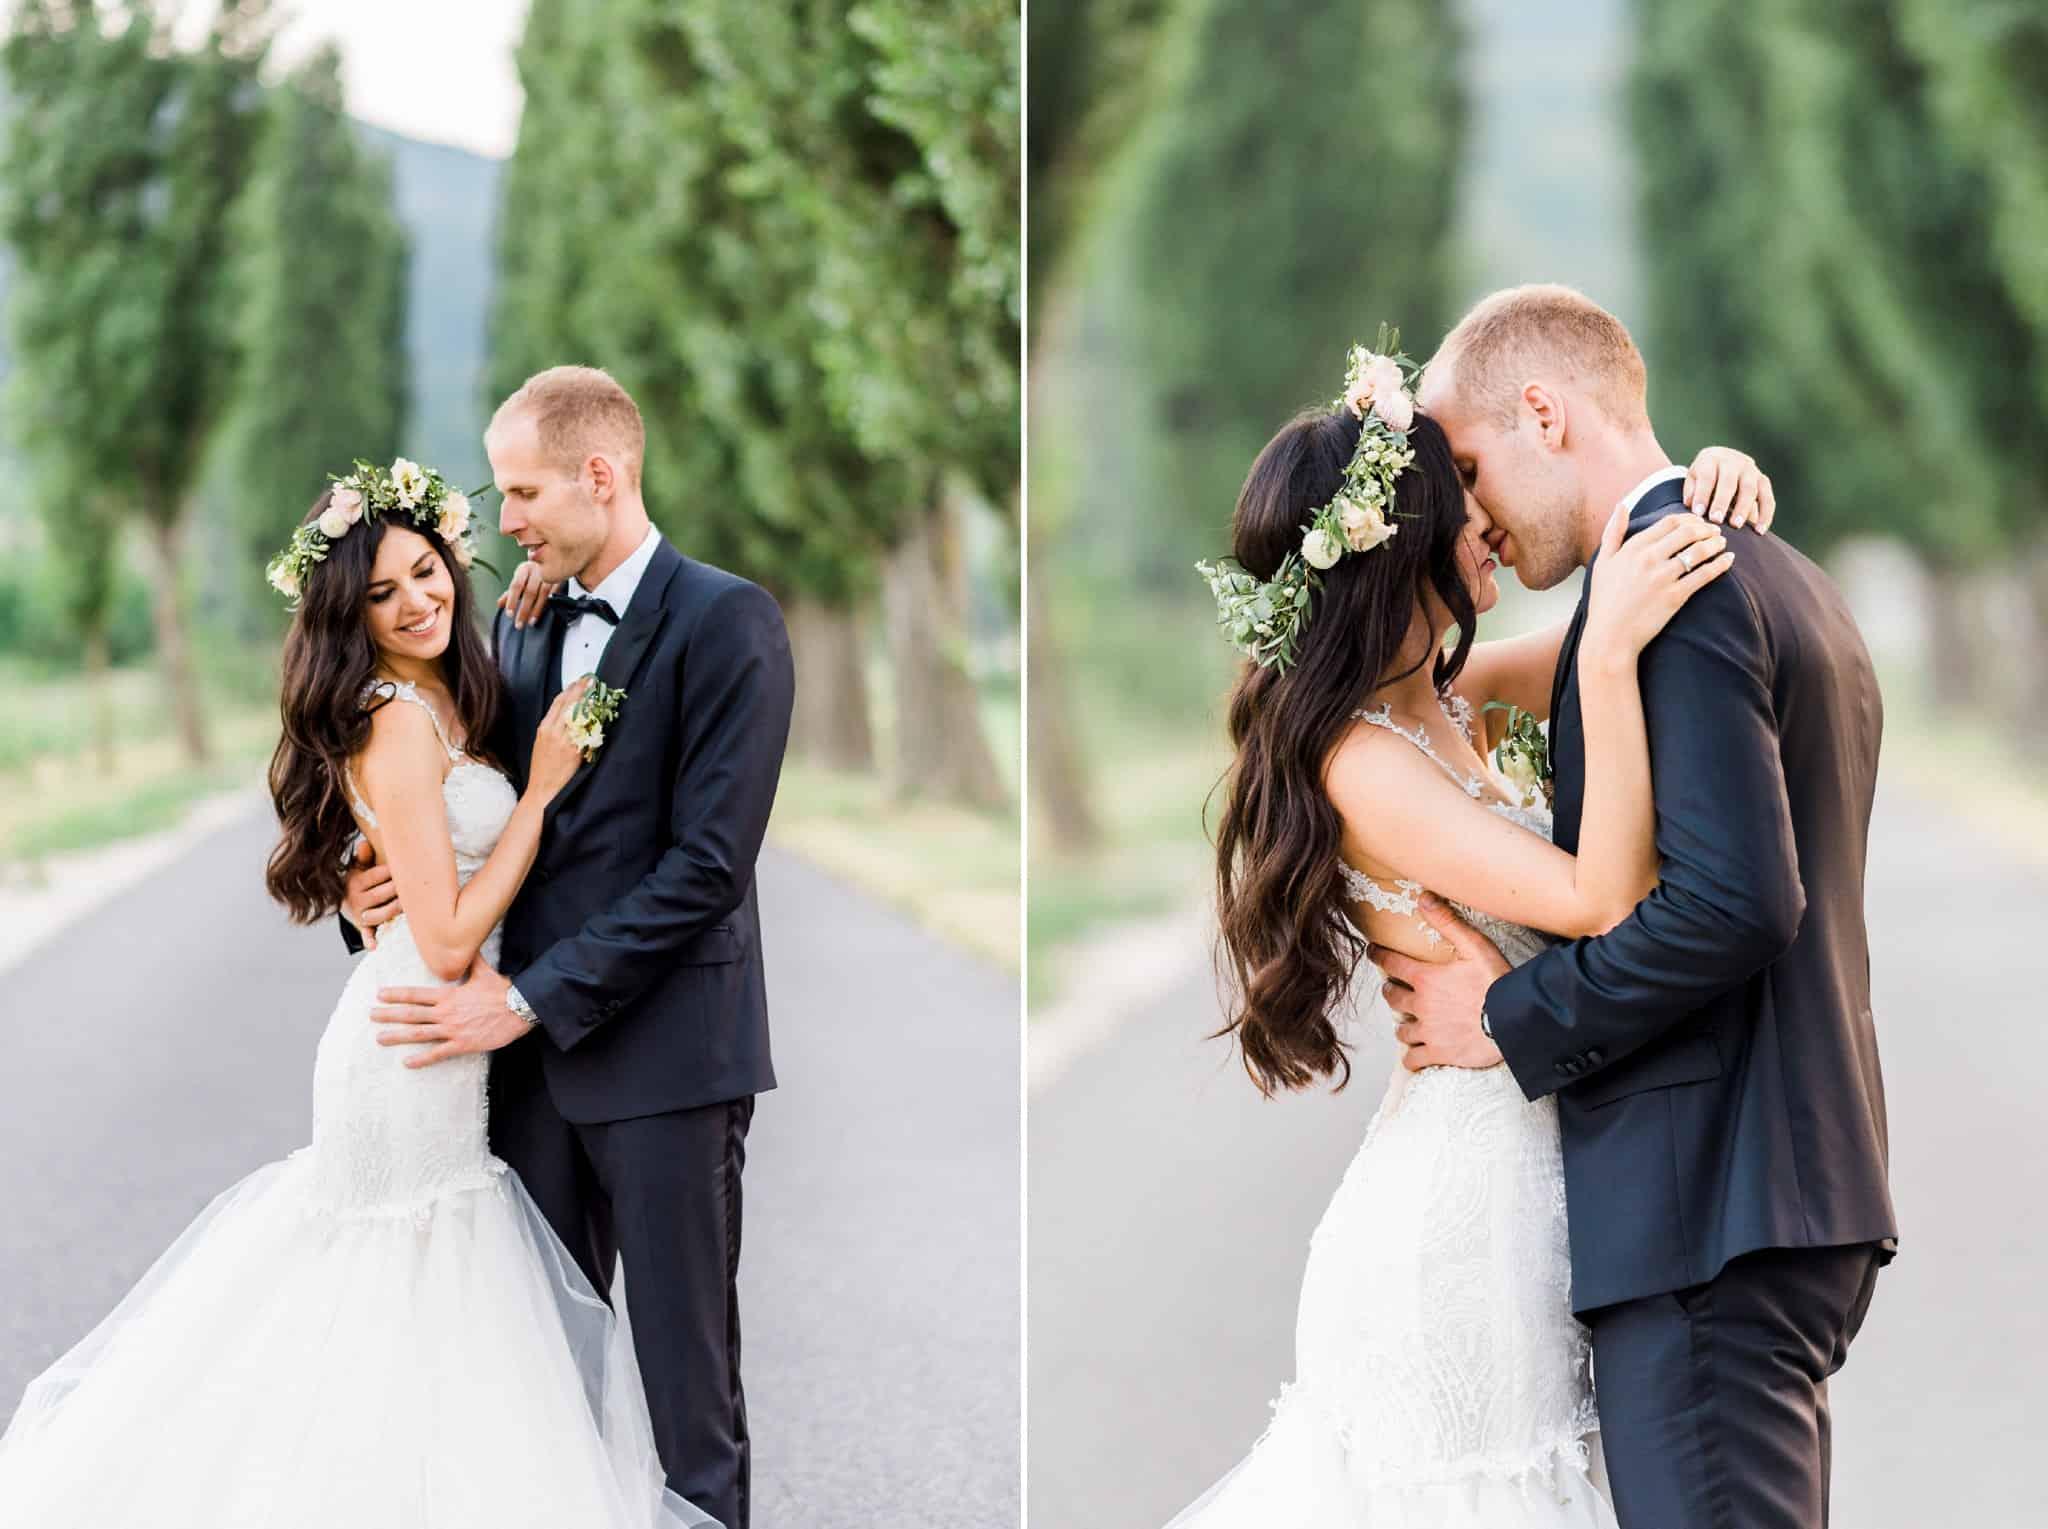 Wedoverhills_Prewedding_Italy_Fineart_Wedding_Photographer_0050